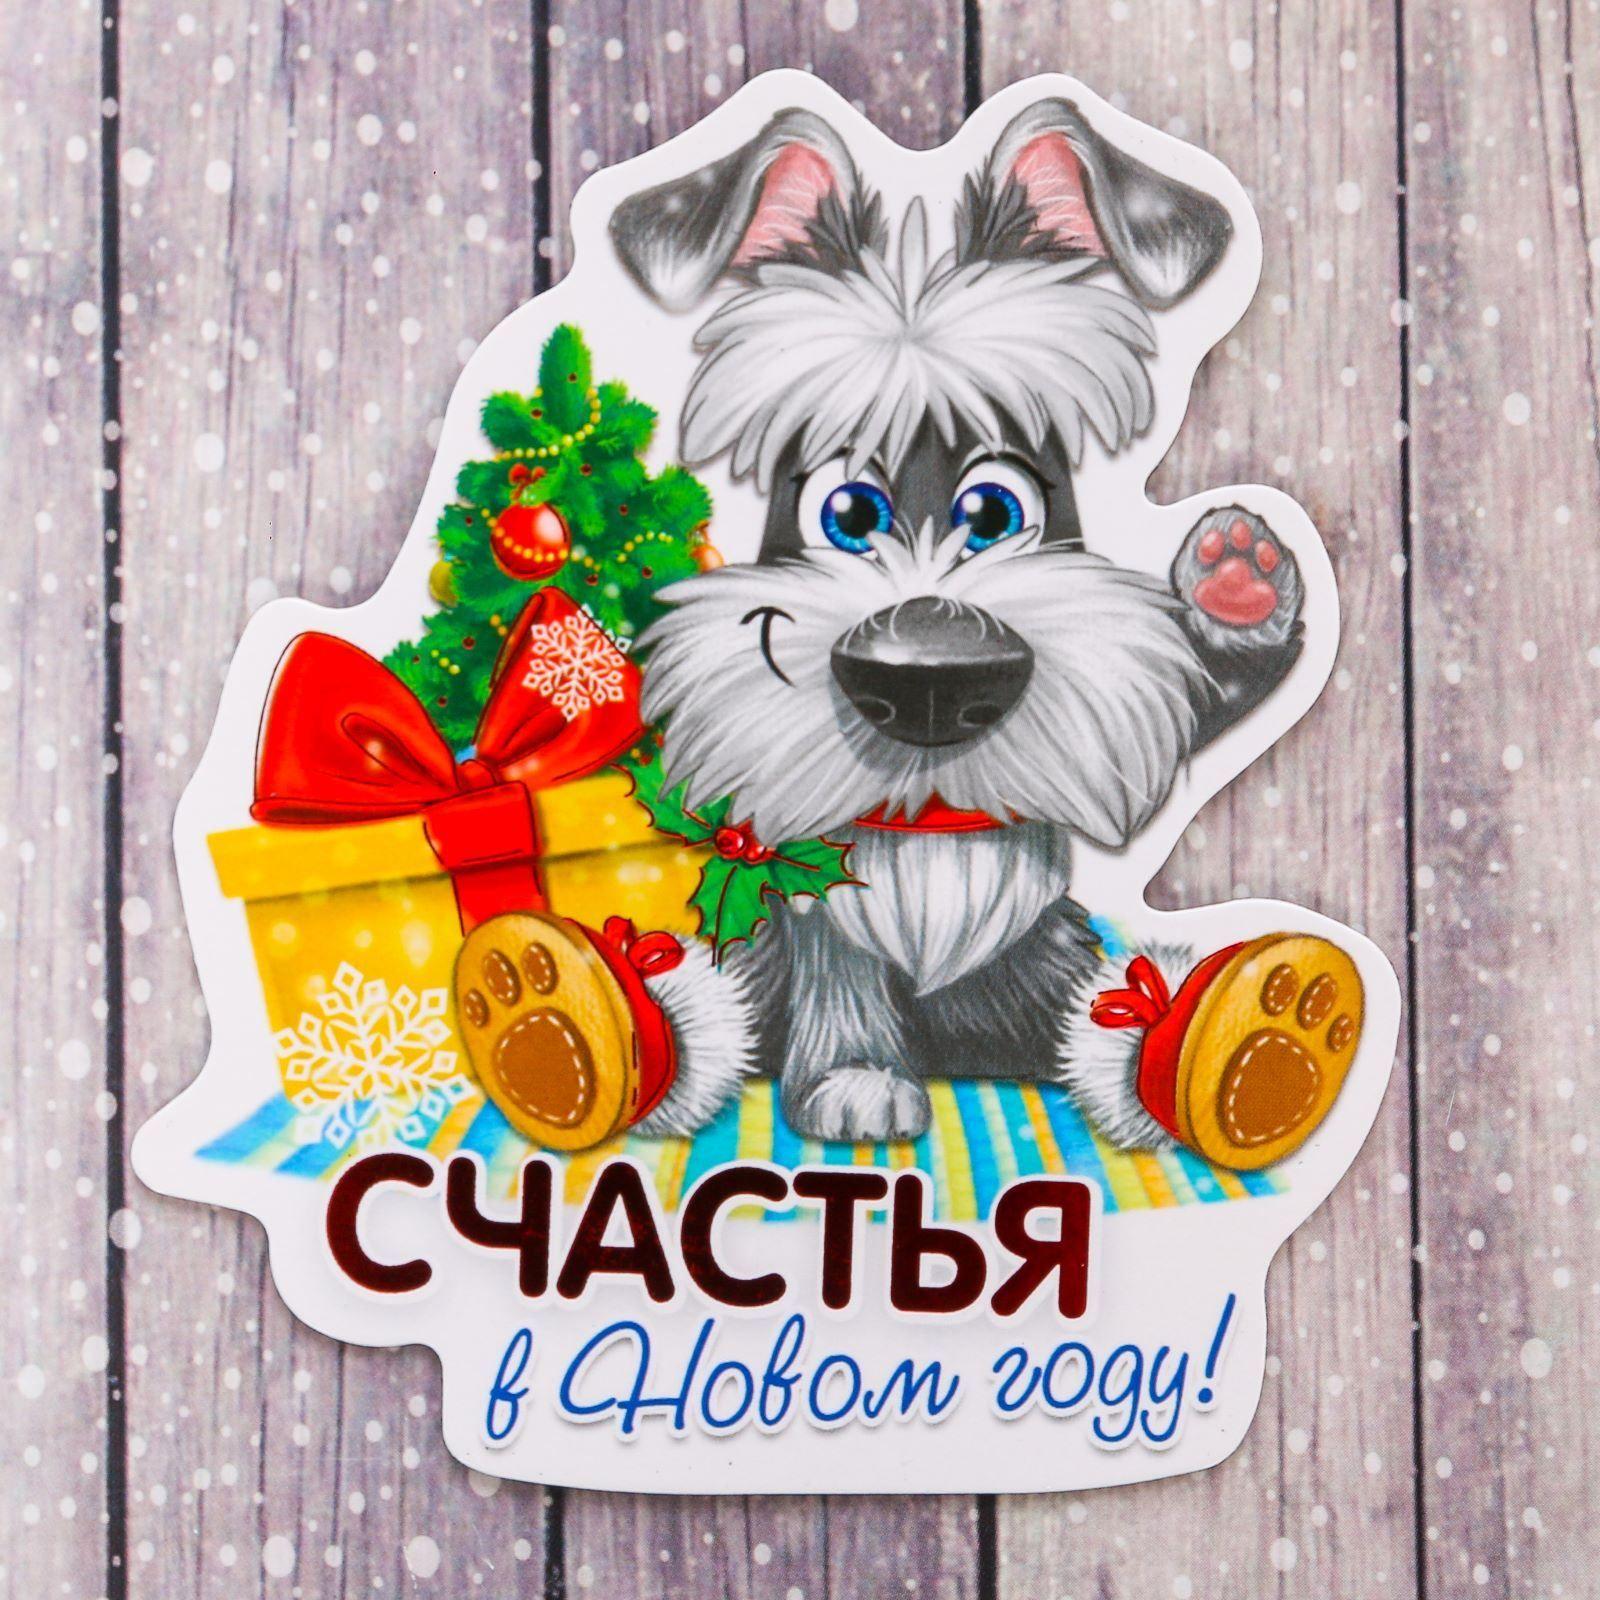 Магнит Sima-land Счастья в Новом году!, 7,7 х 8,8 см1894008Порадуйте родных и близких оригинальным сувениром: преподнесите в подарок магнит. С ним даже самый серьёзный человек почувствует себя ребёнком, ожидающим чудо! Создайте праздничное настроение, и оно останется с вами на весь год.